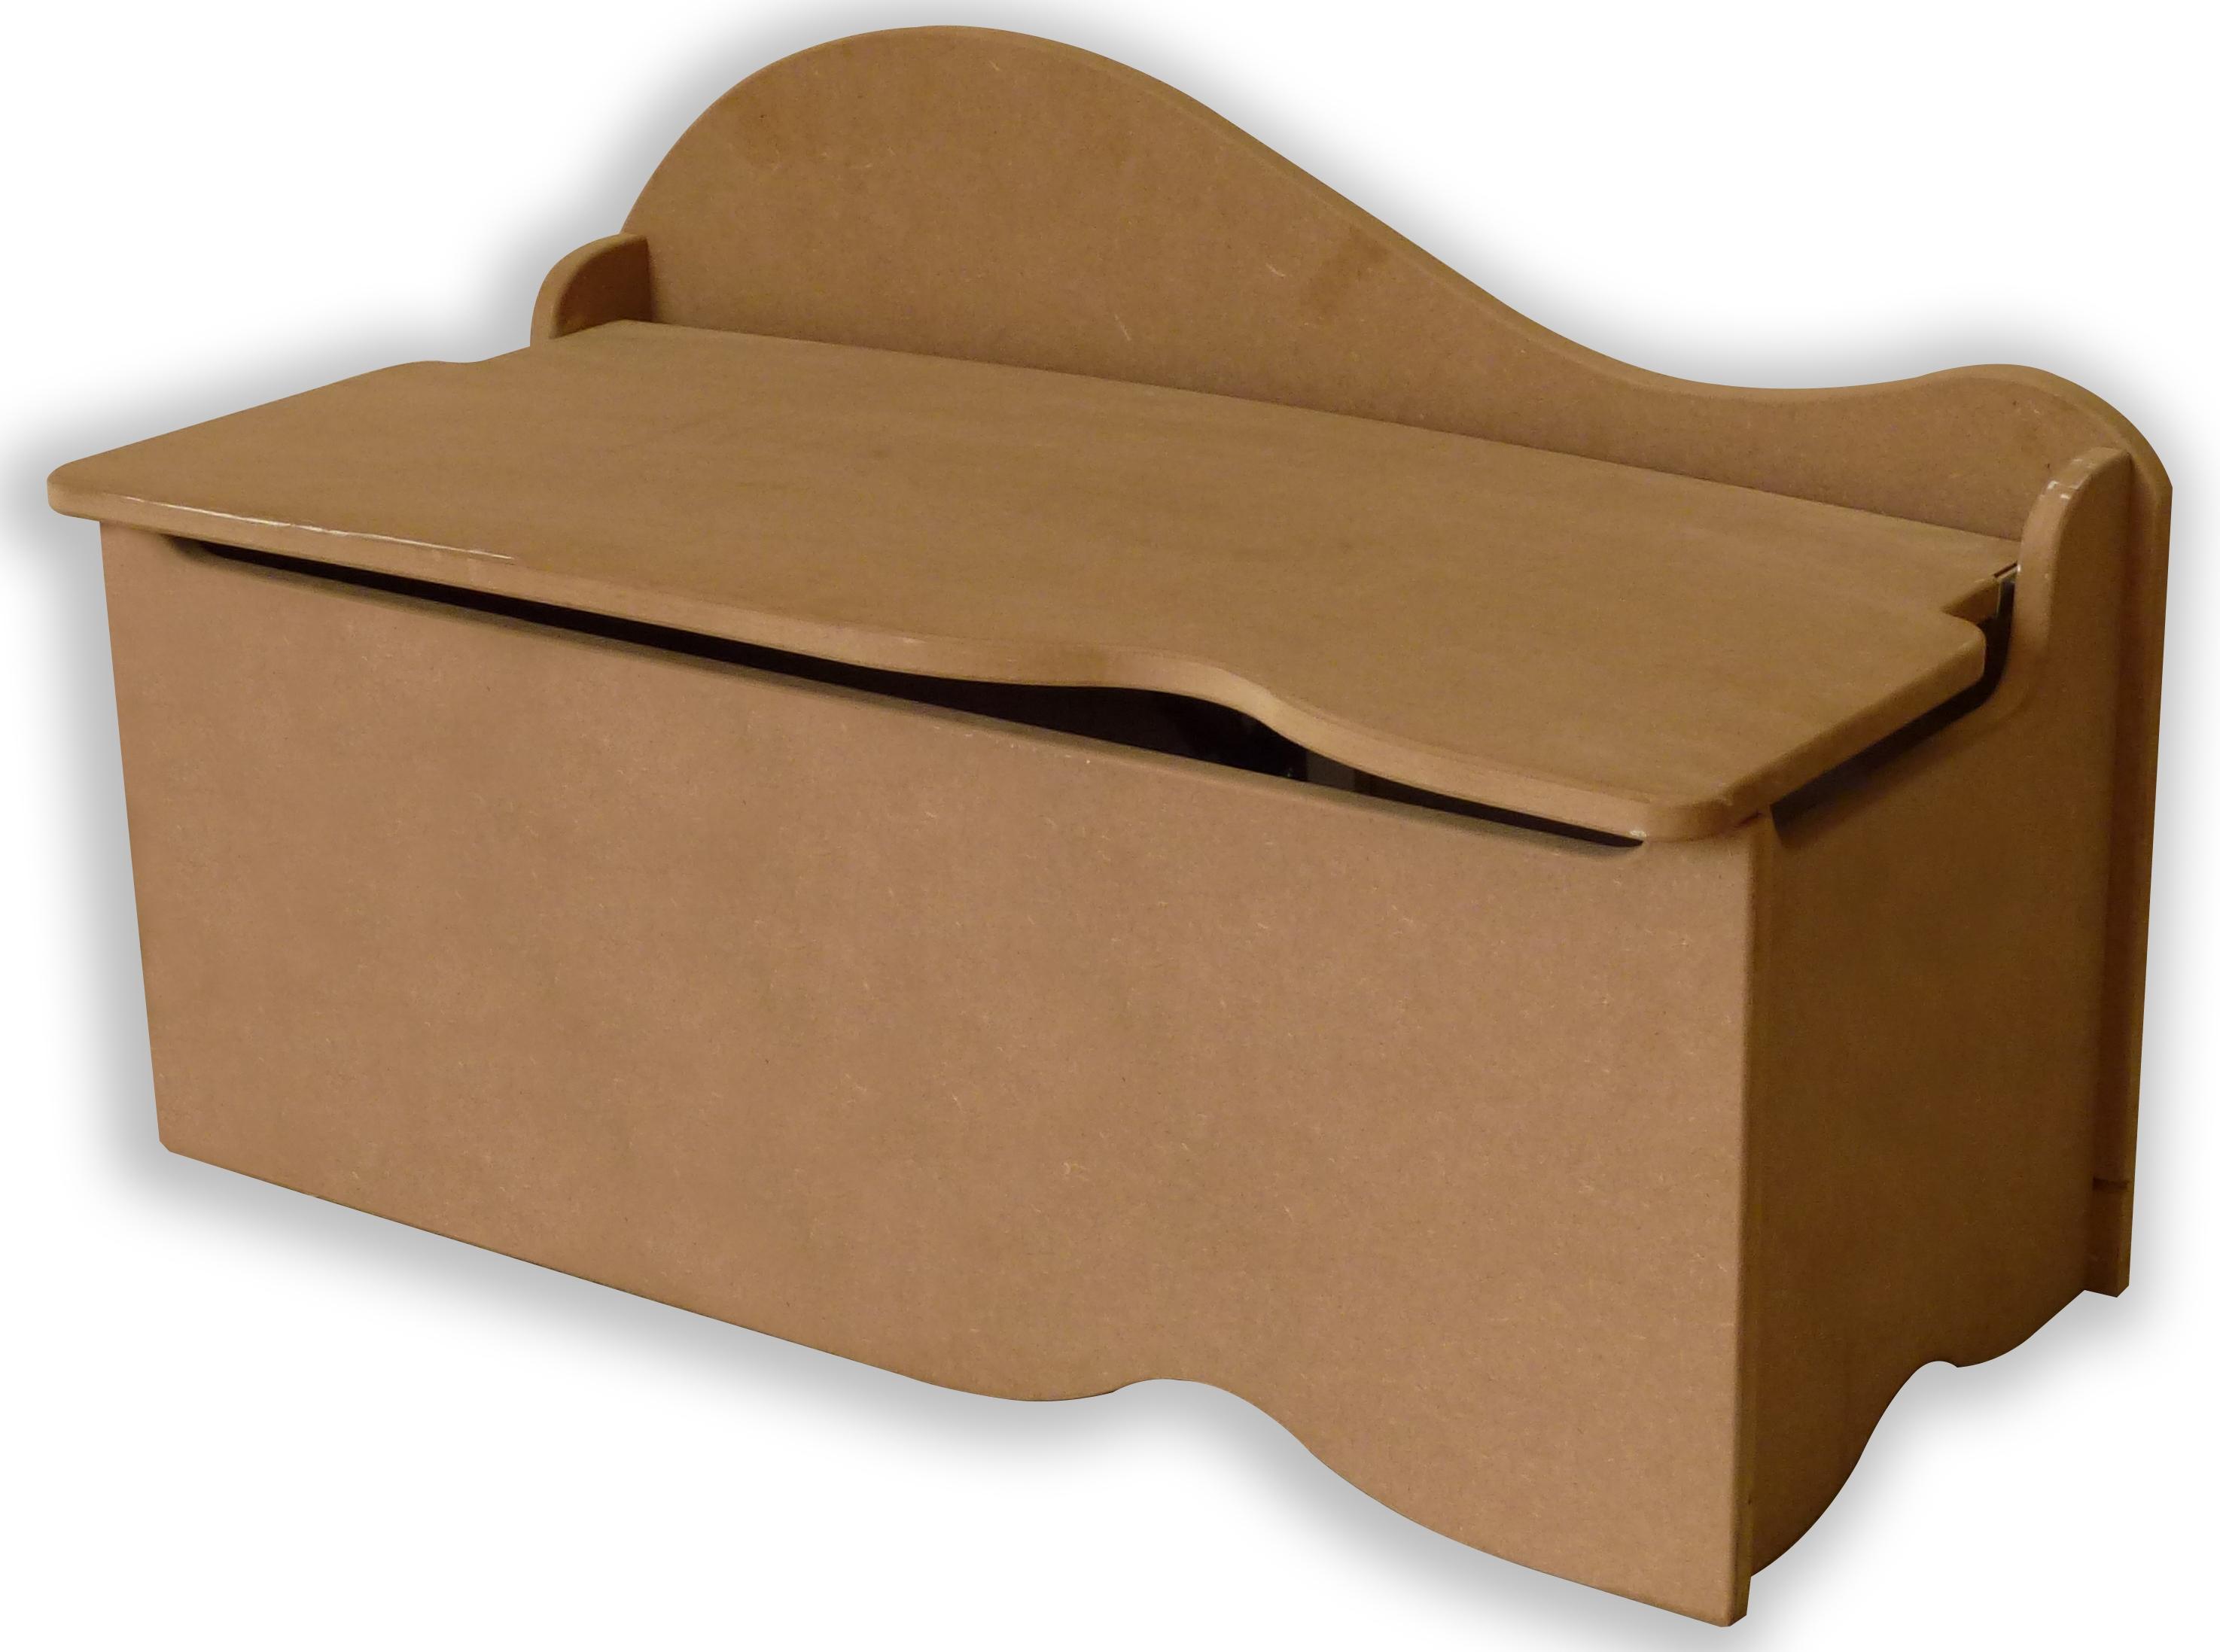 coffre de rangement bois brut spoon. Black Bedroom Furniture Sets. Home Design Ideas